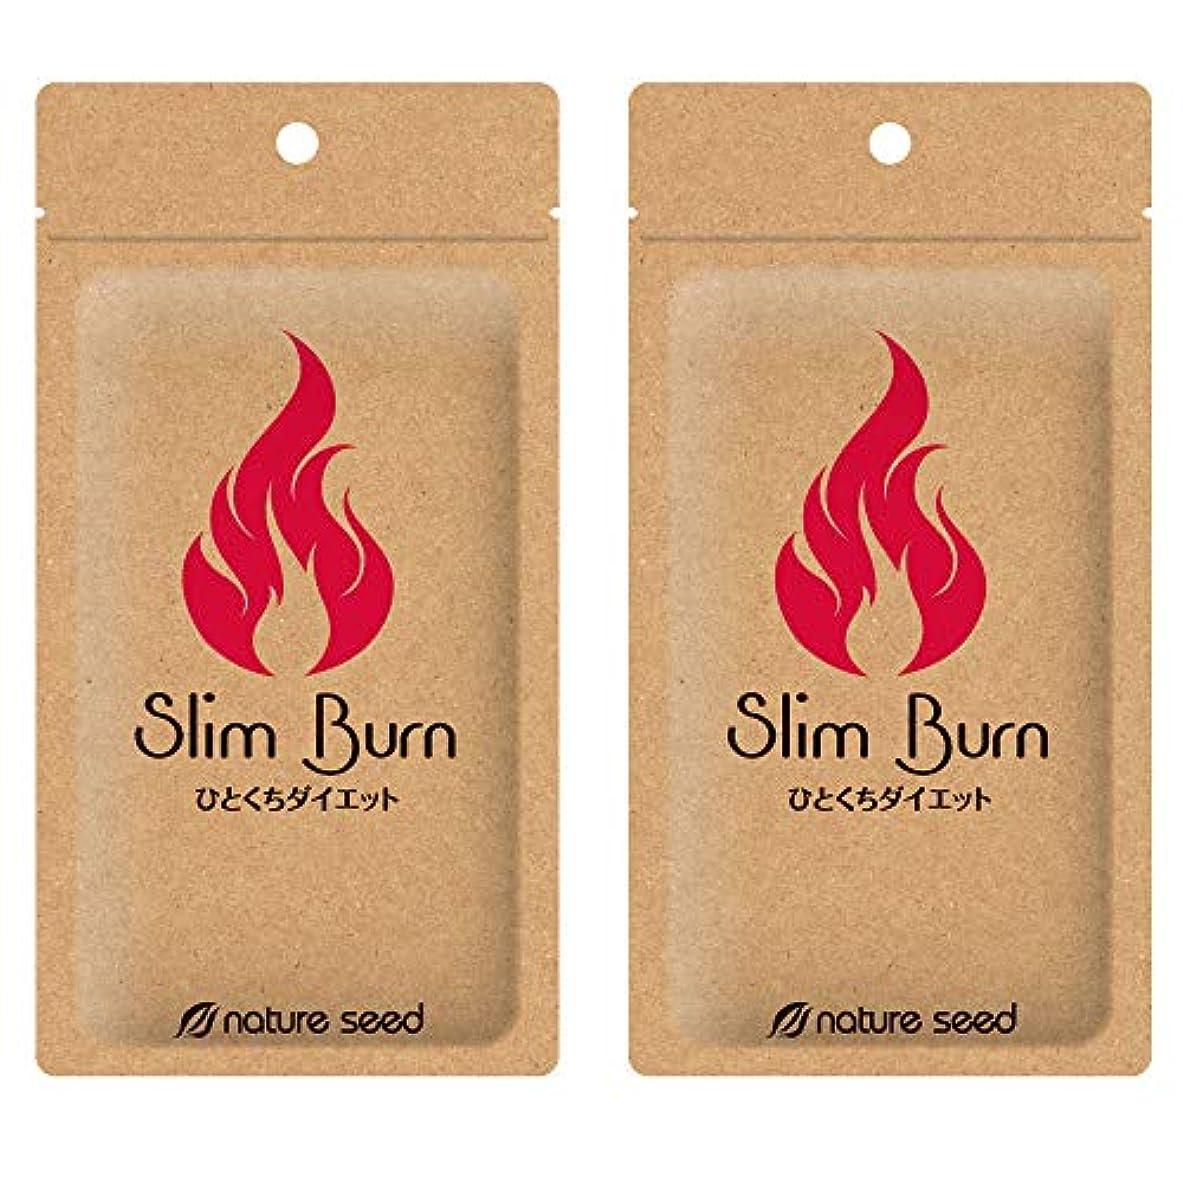 幻影ご覧ください同情的[燃焼サプリ]ダイエット 脂肪燃焼 くびれメイクをサポート サプリメント スリムバーン 2袋(約60日分)